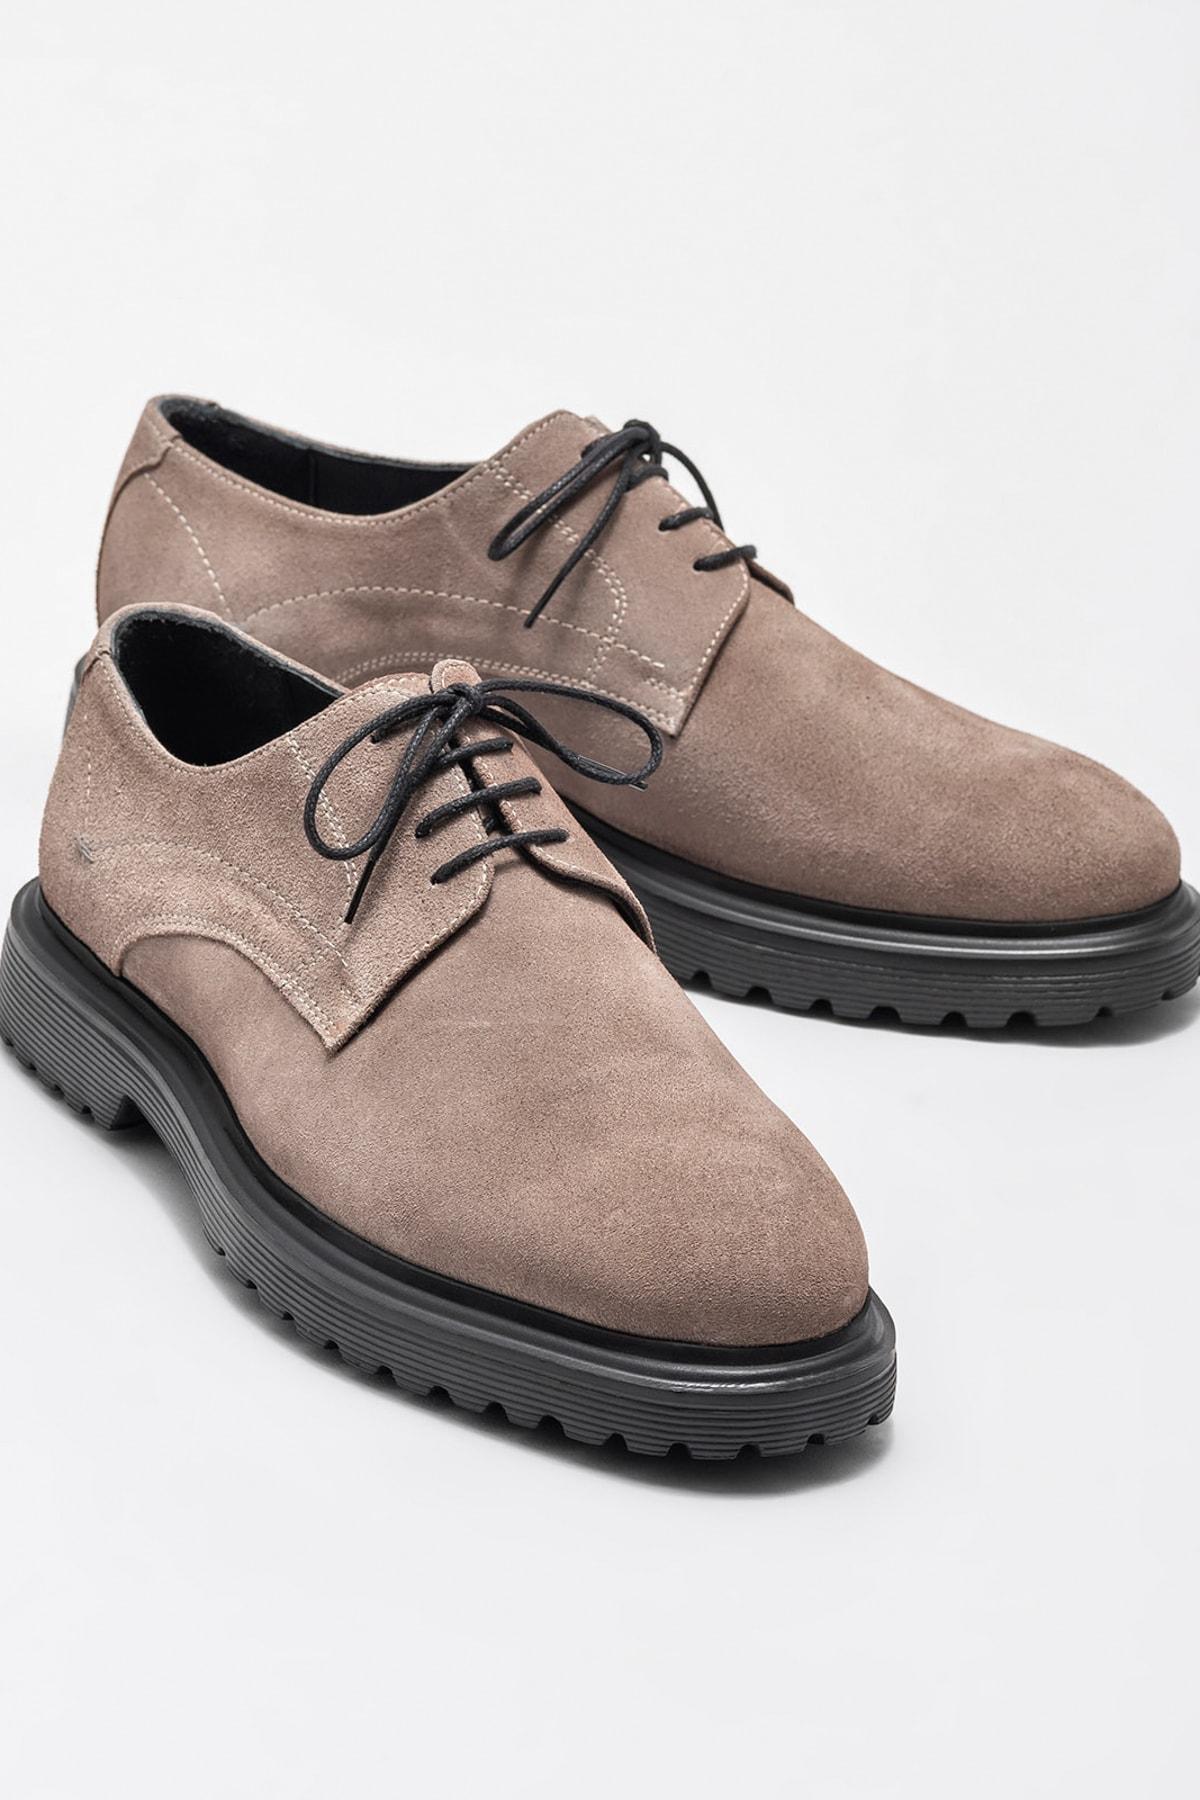 Elle Shoes Erkek ANDY Casual Ayakkabı 20KMTM-604 1